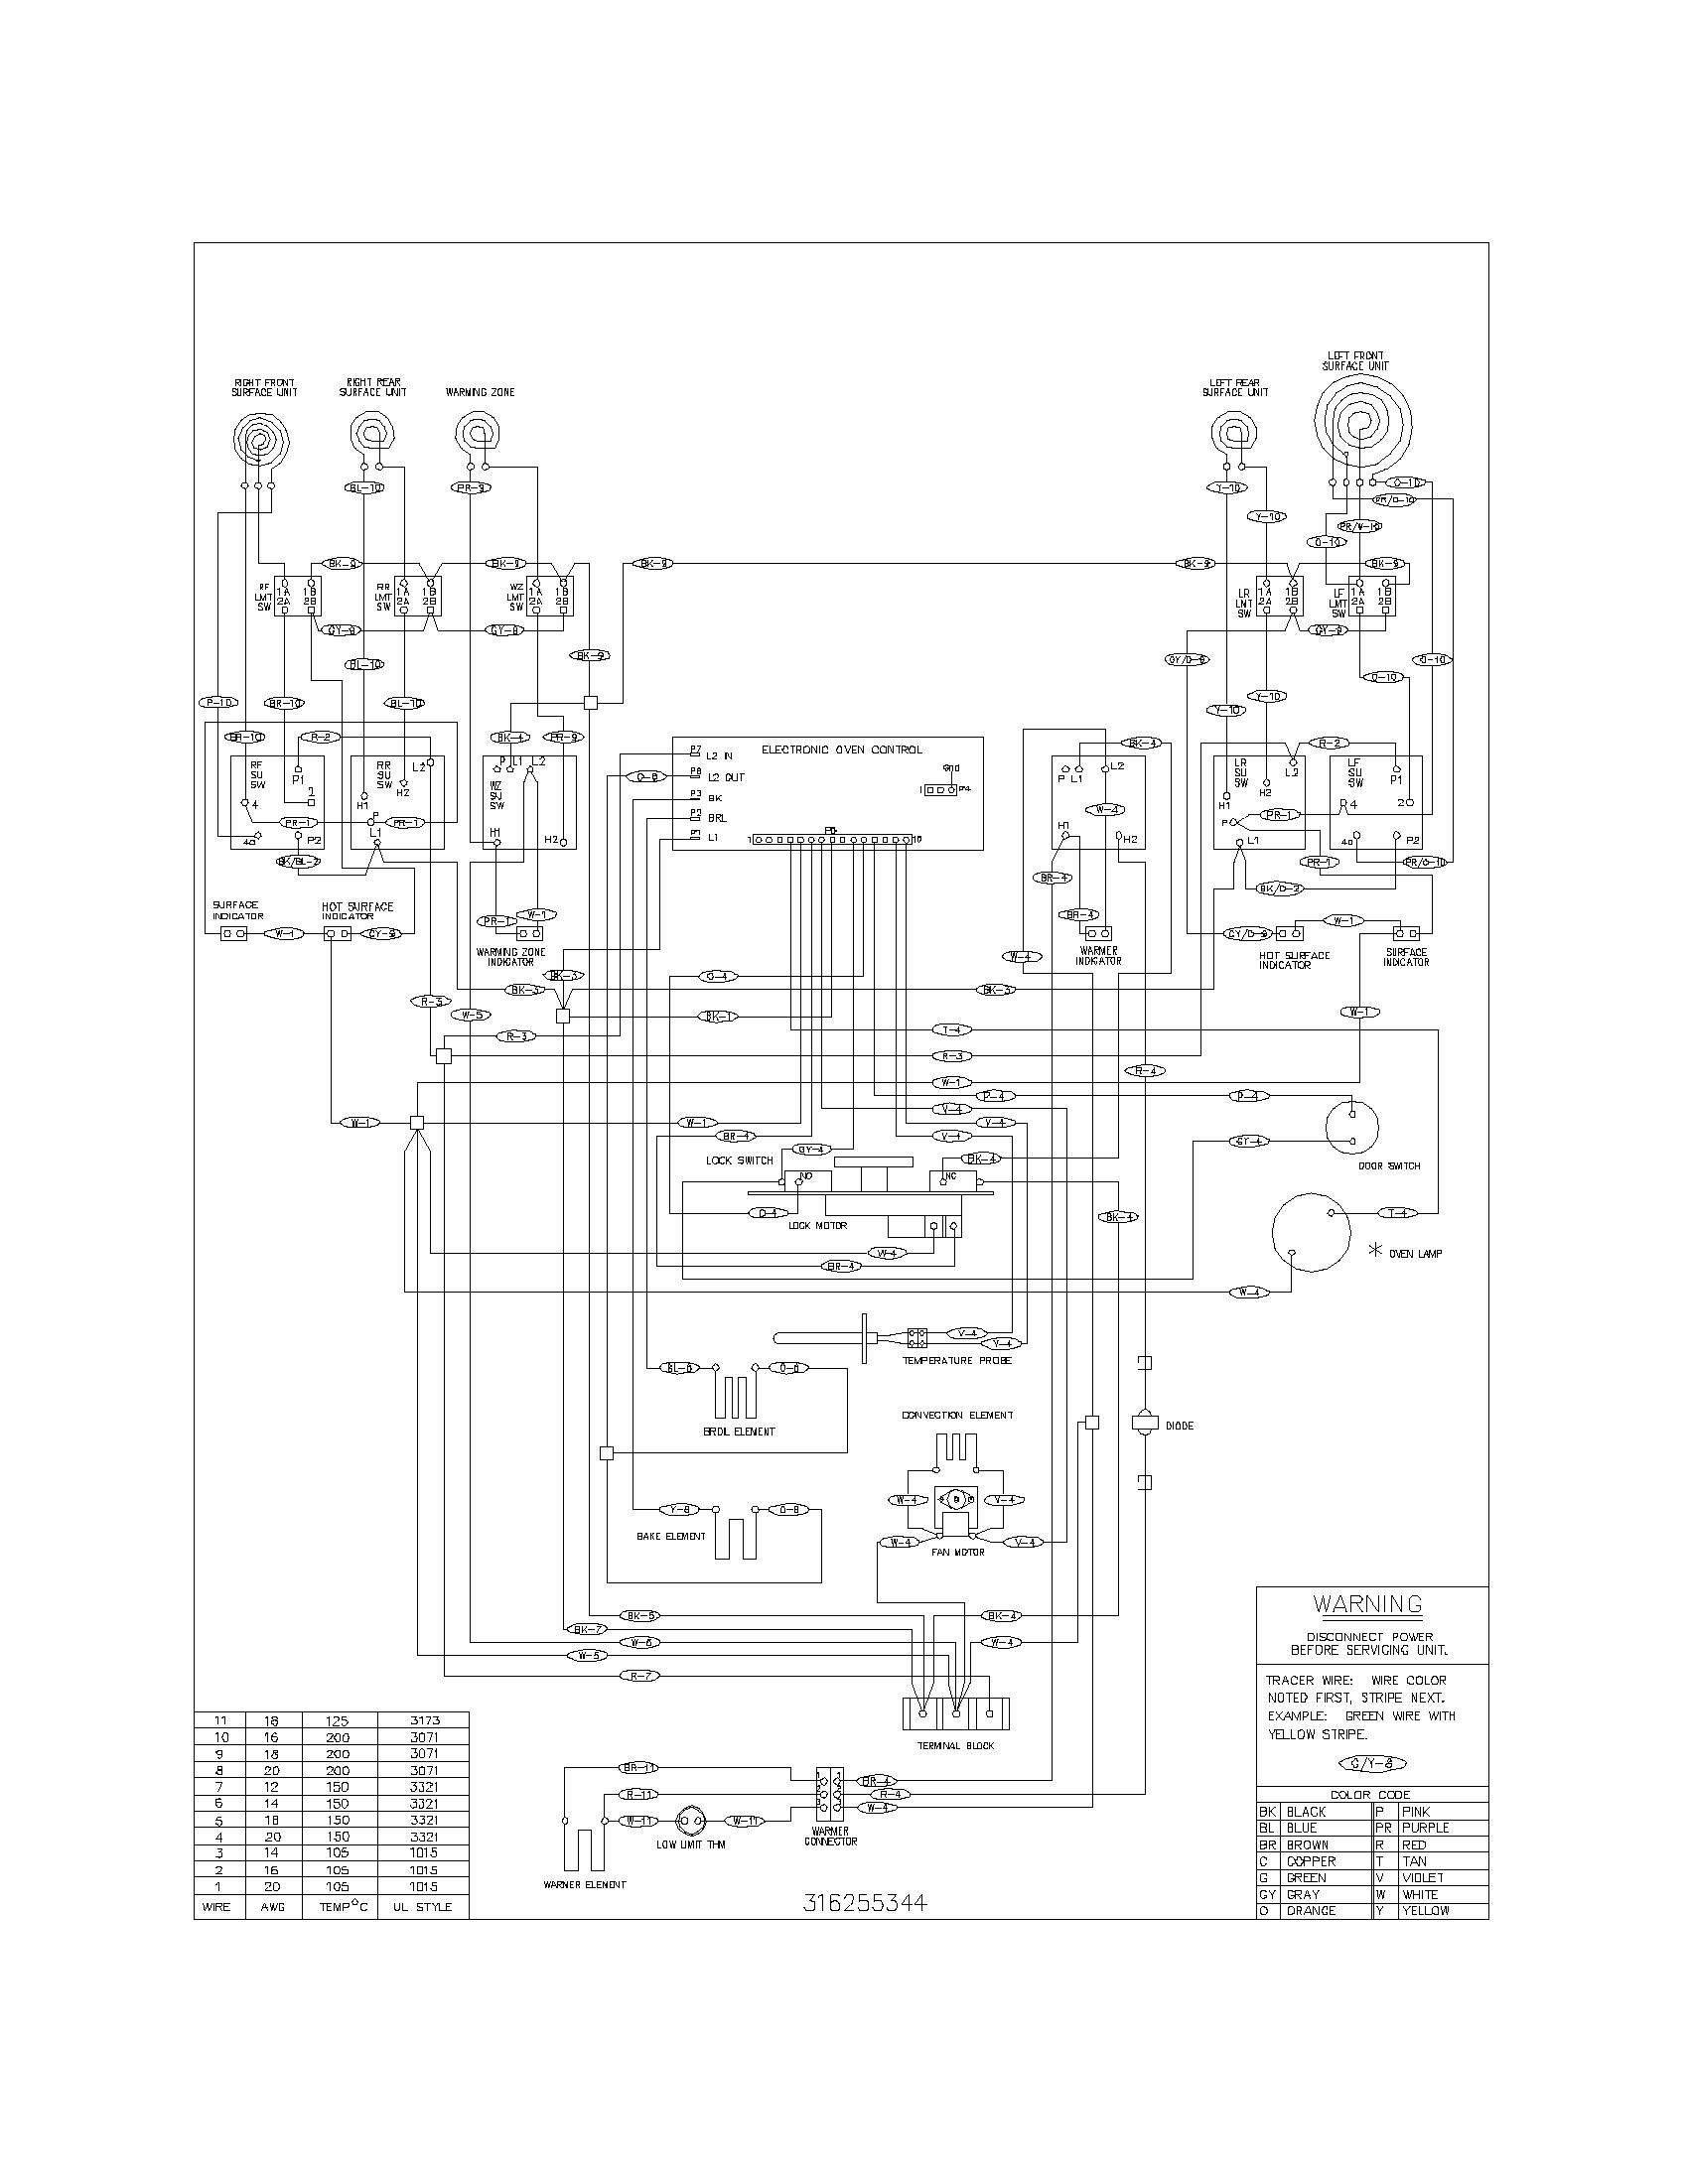 Frigidaire Fefl89ccb Electric Range Timer